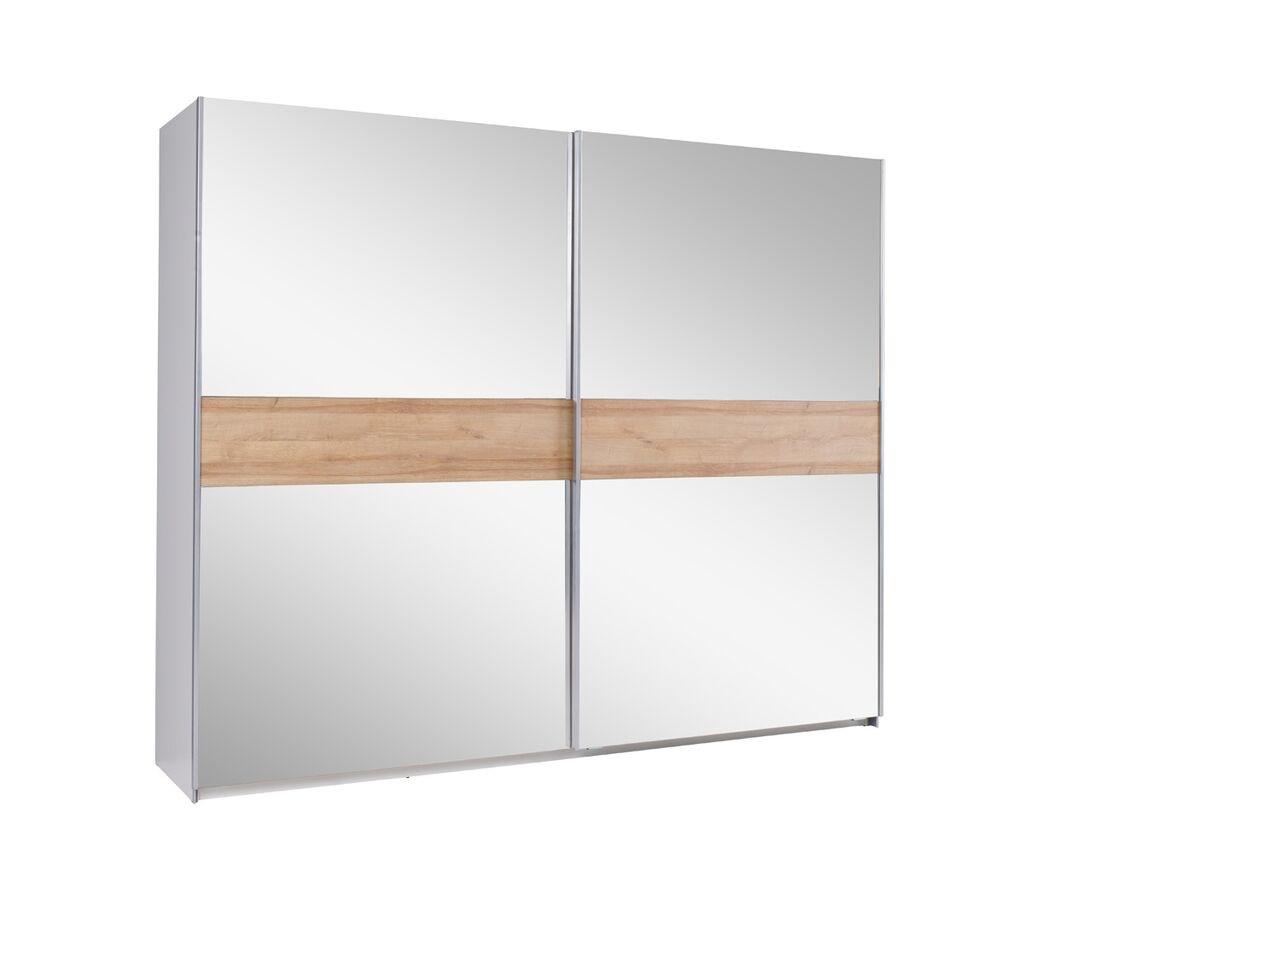 MEBLINE Šatní skříň s posuvnými dveřmi LUX 24